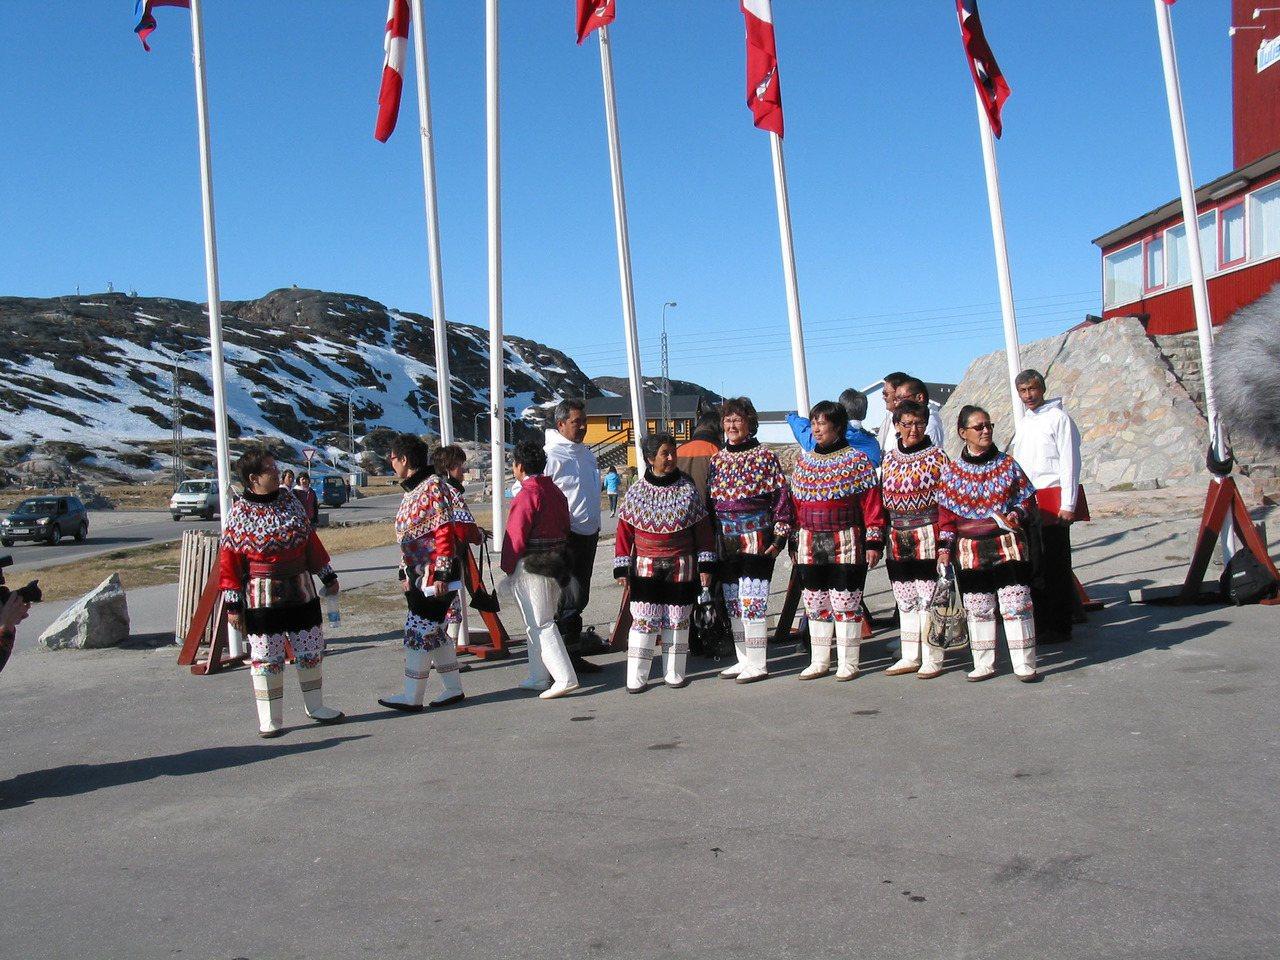 格陵蘭原住民伊努特人。(法新社)